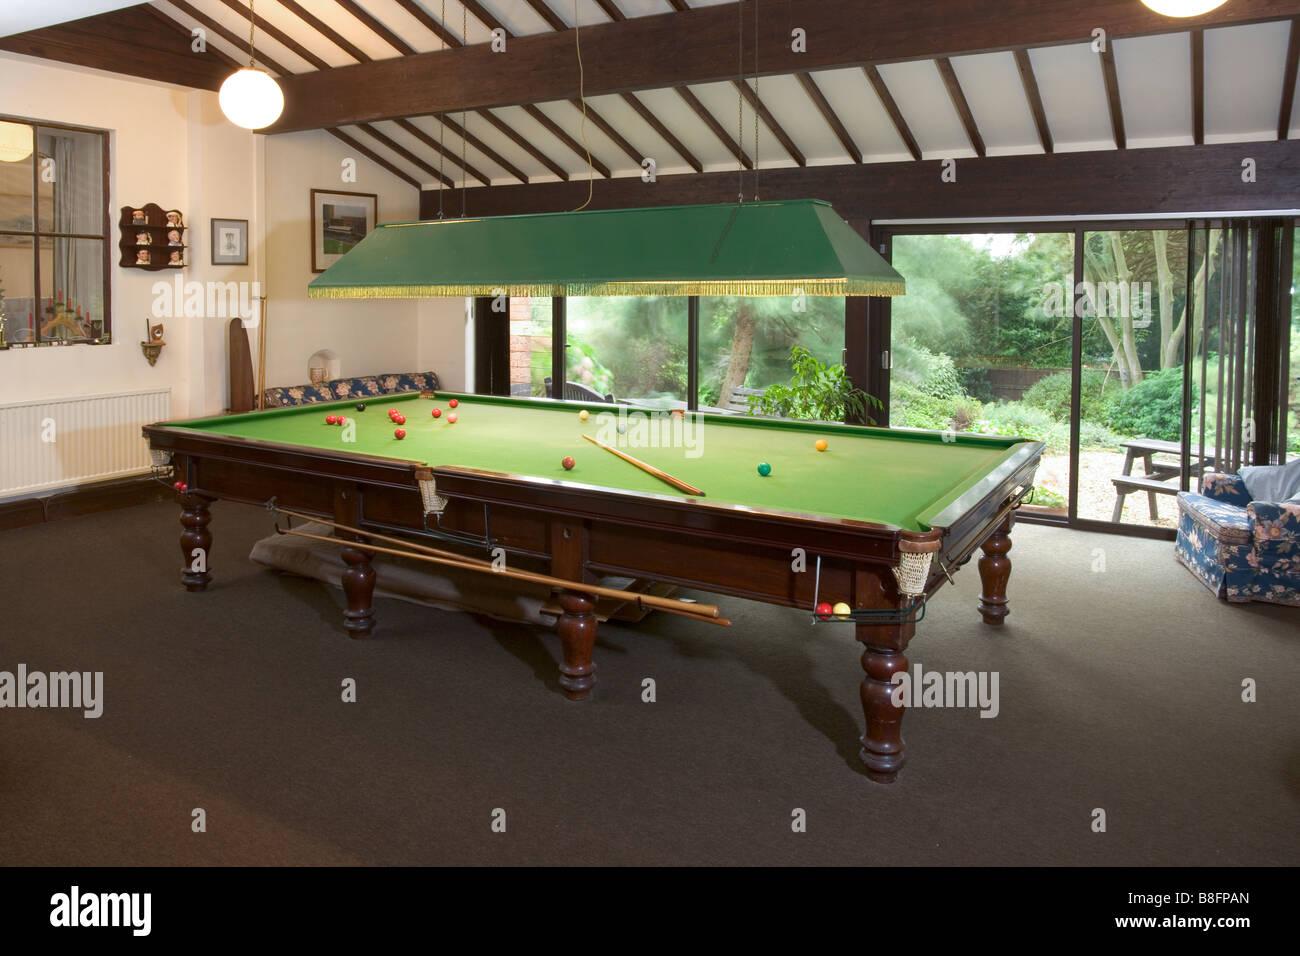 Sala Giochi Privata : Regno unito una grande sala giochi privata tavolo da biliardo